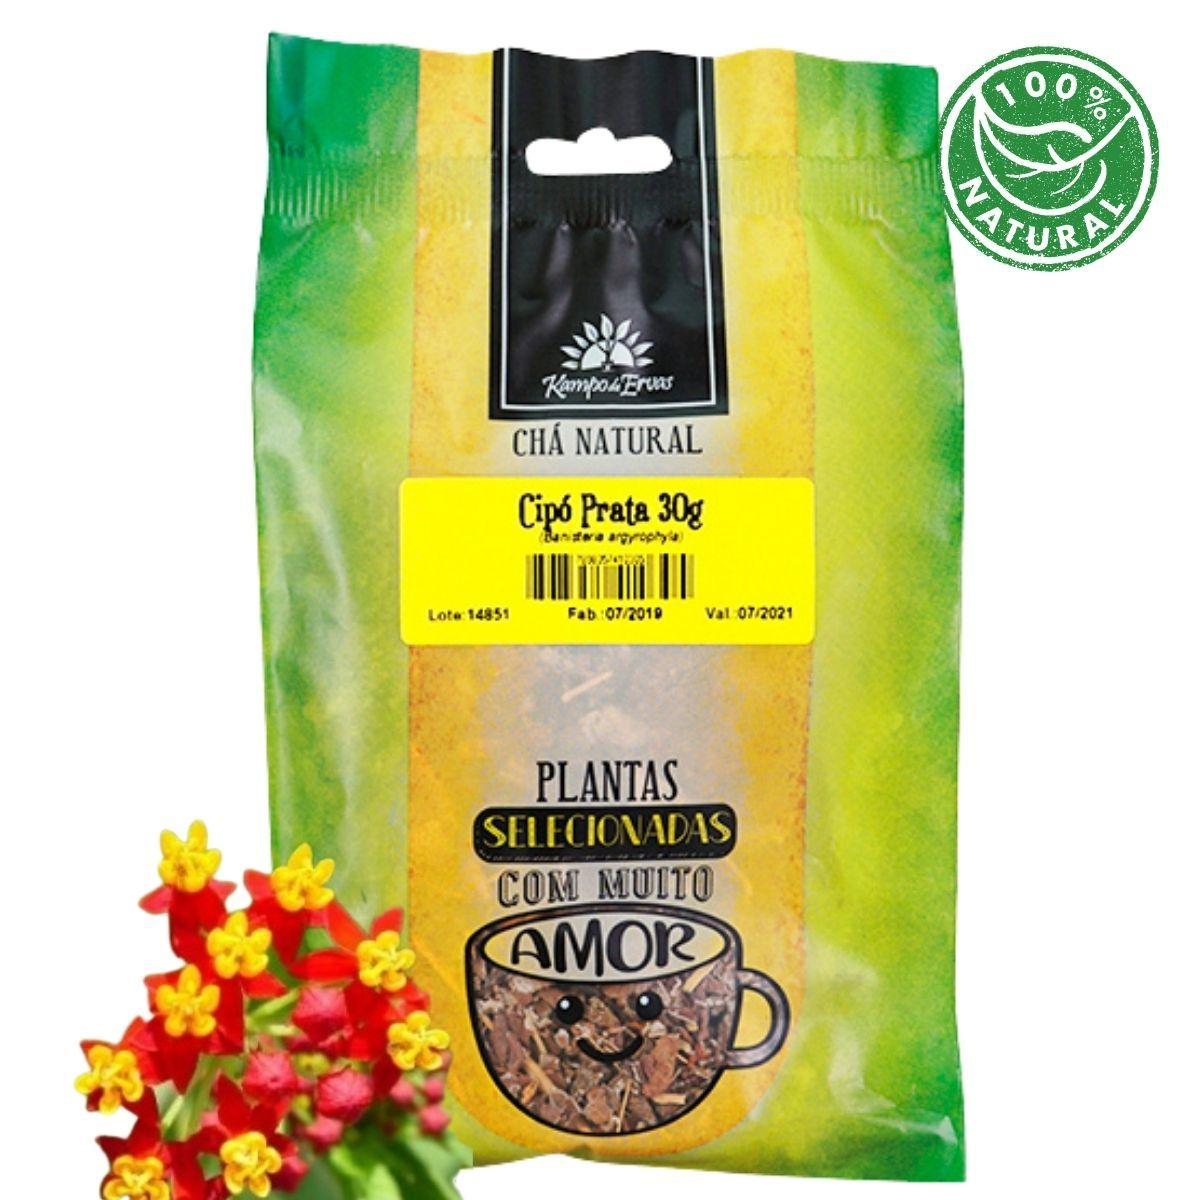 Cipó Prata Chá Folhas, raizes, e caules Kampo de Ervas 30 gr